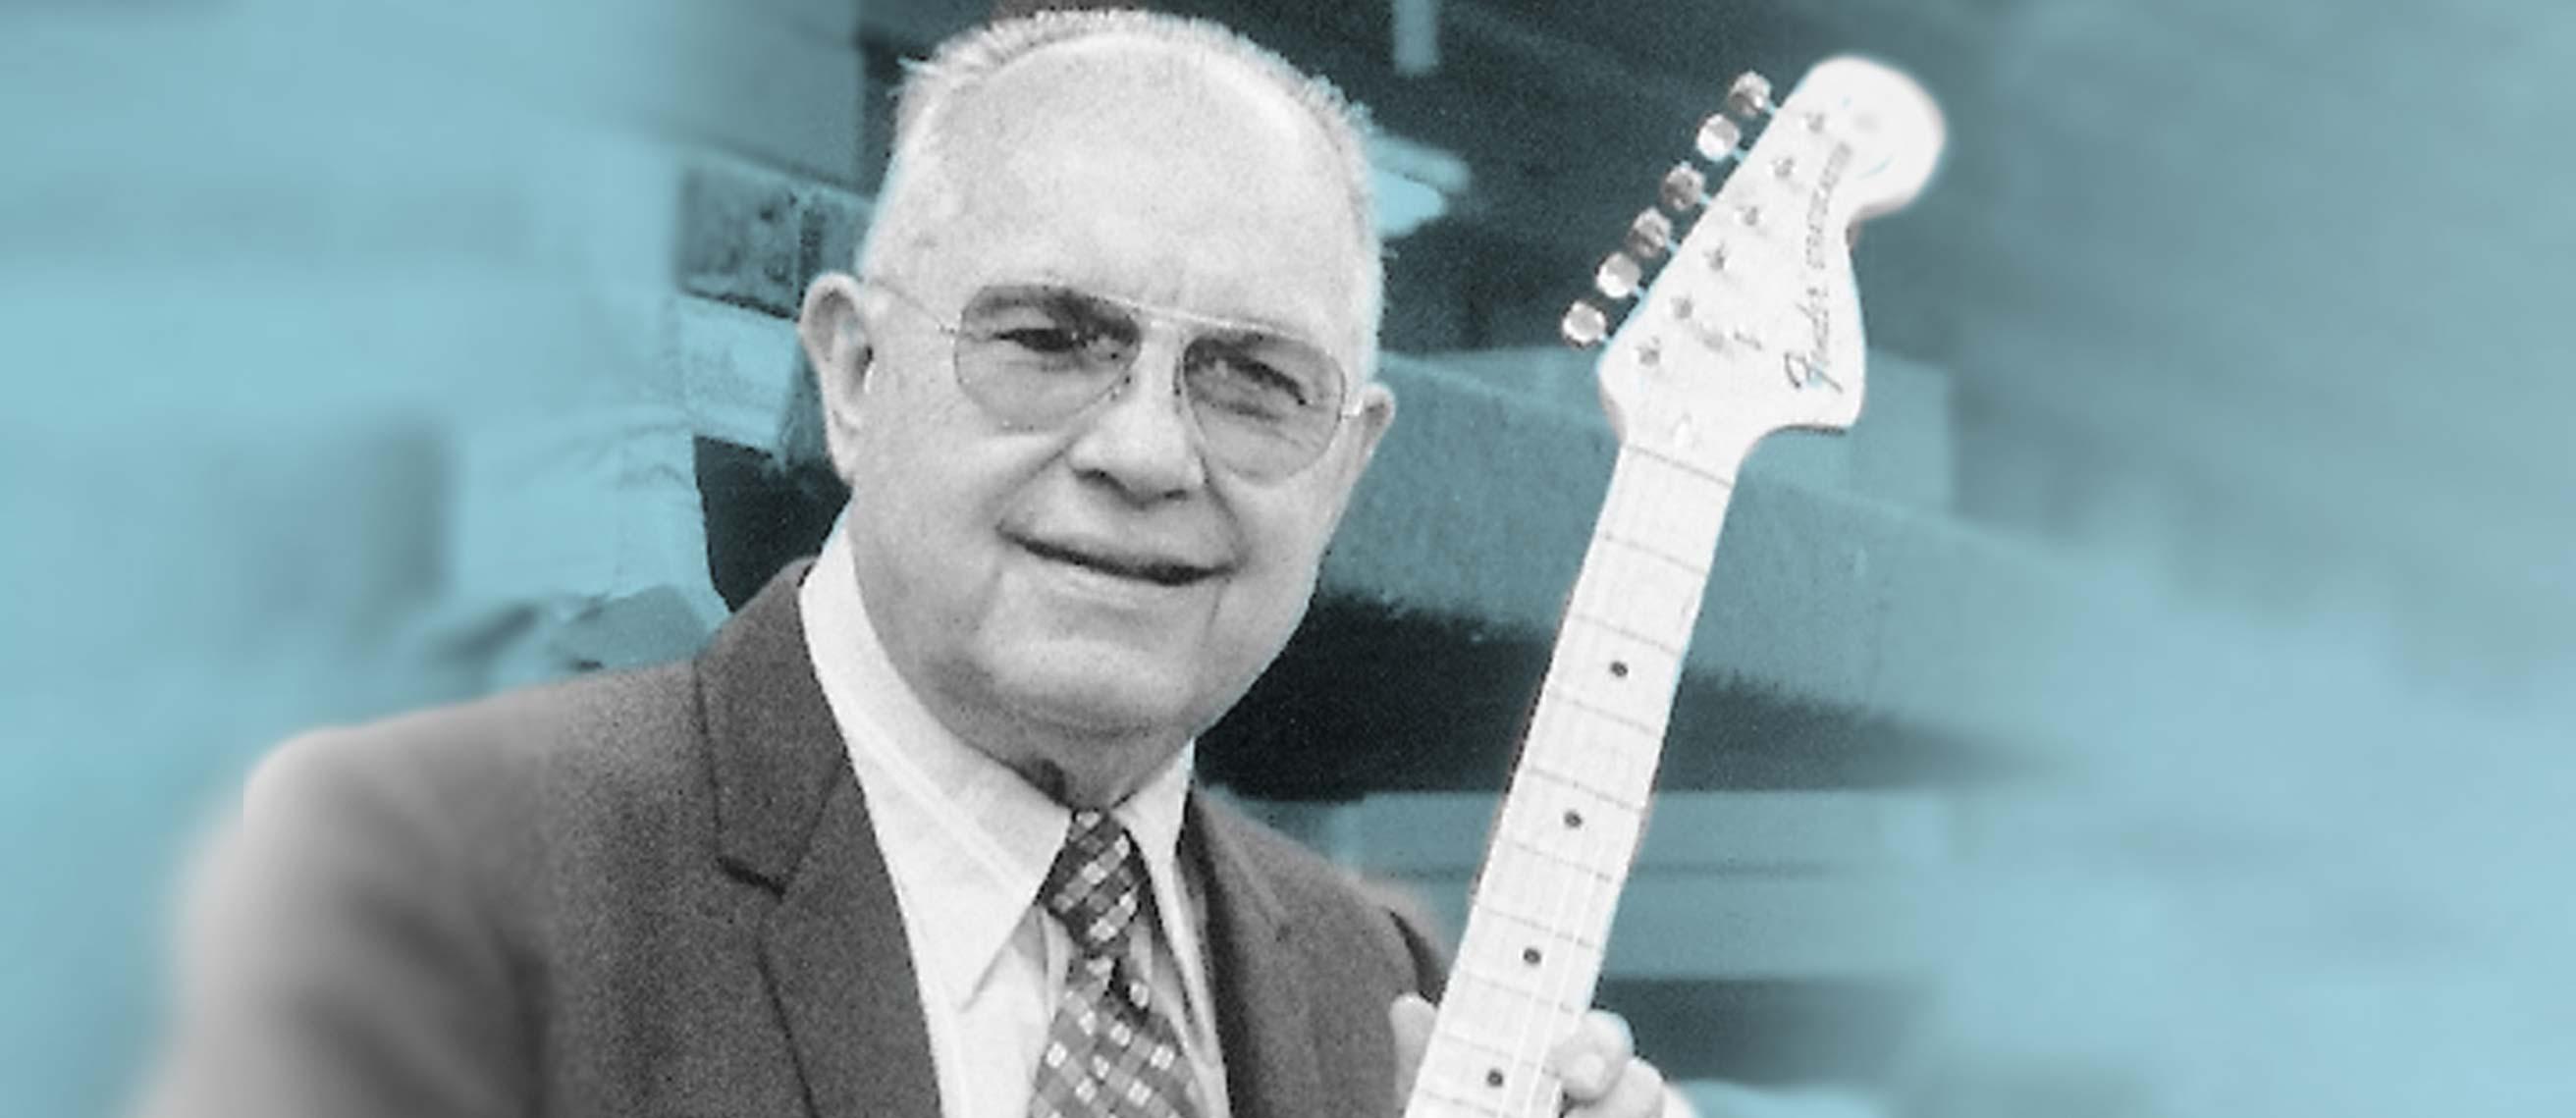 Wissenswertes über Fender | Reisser Musik